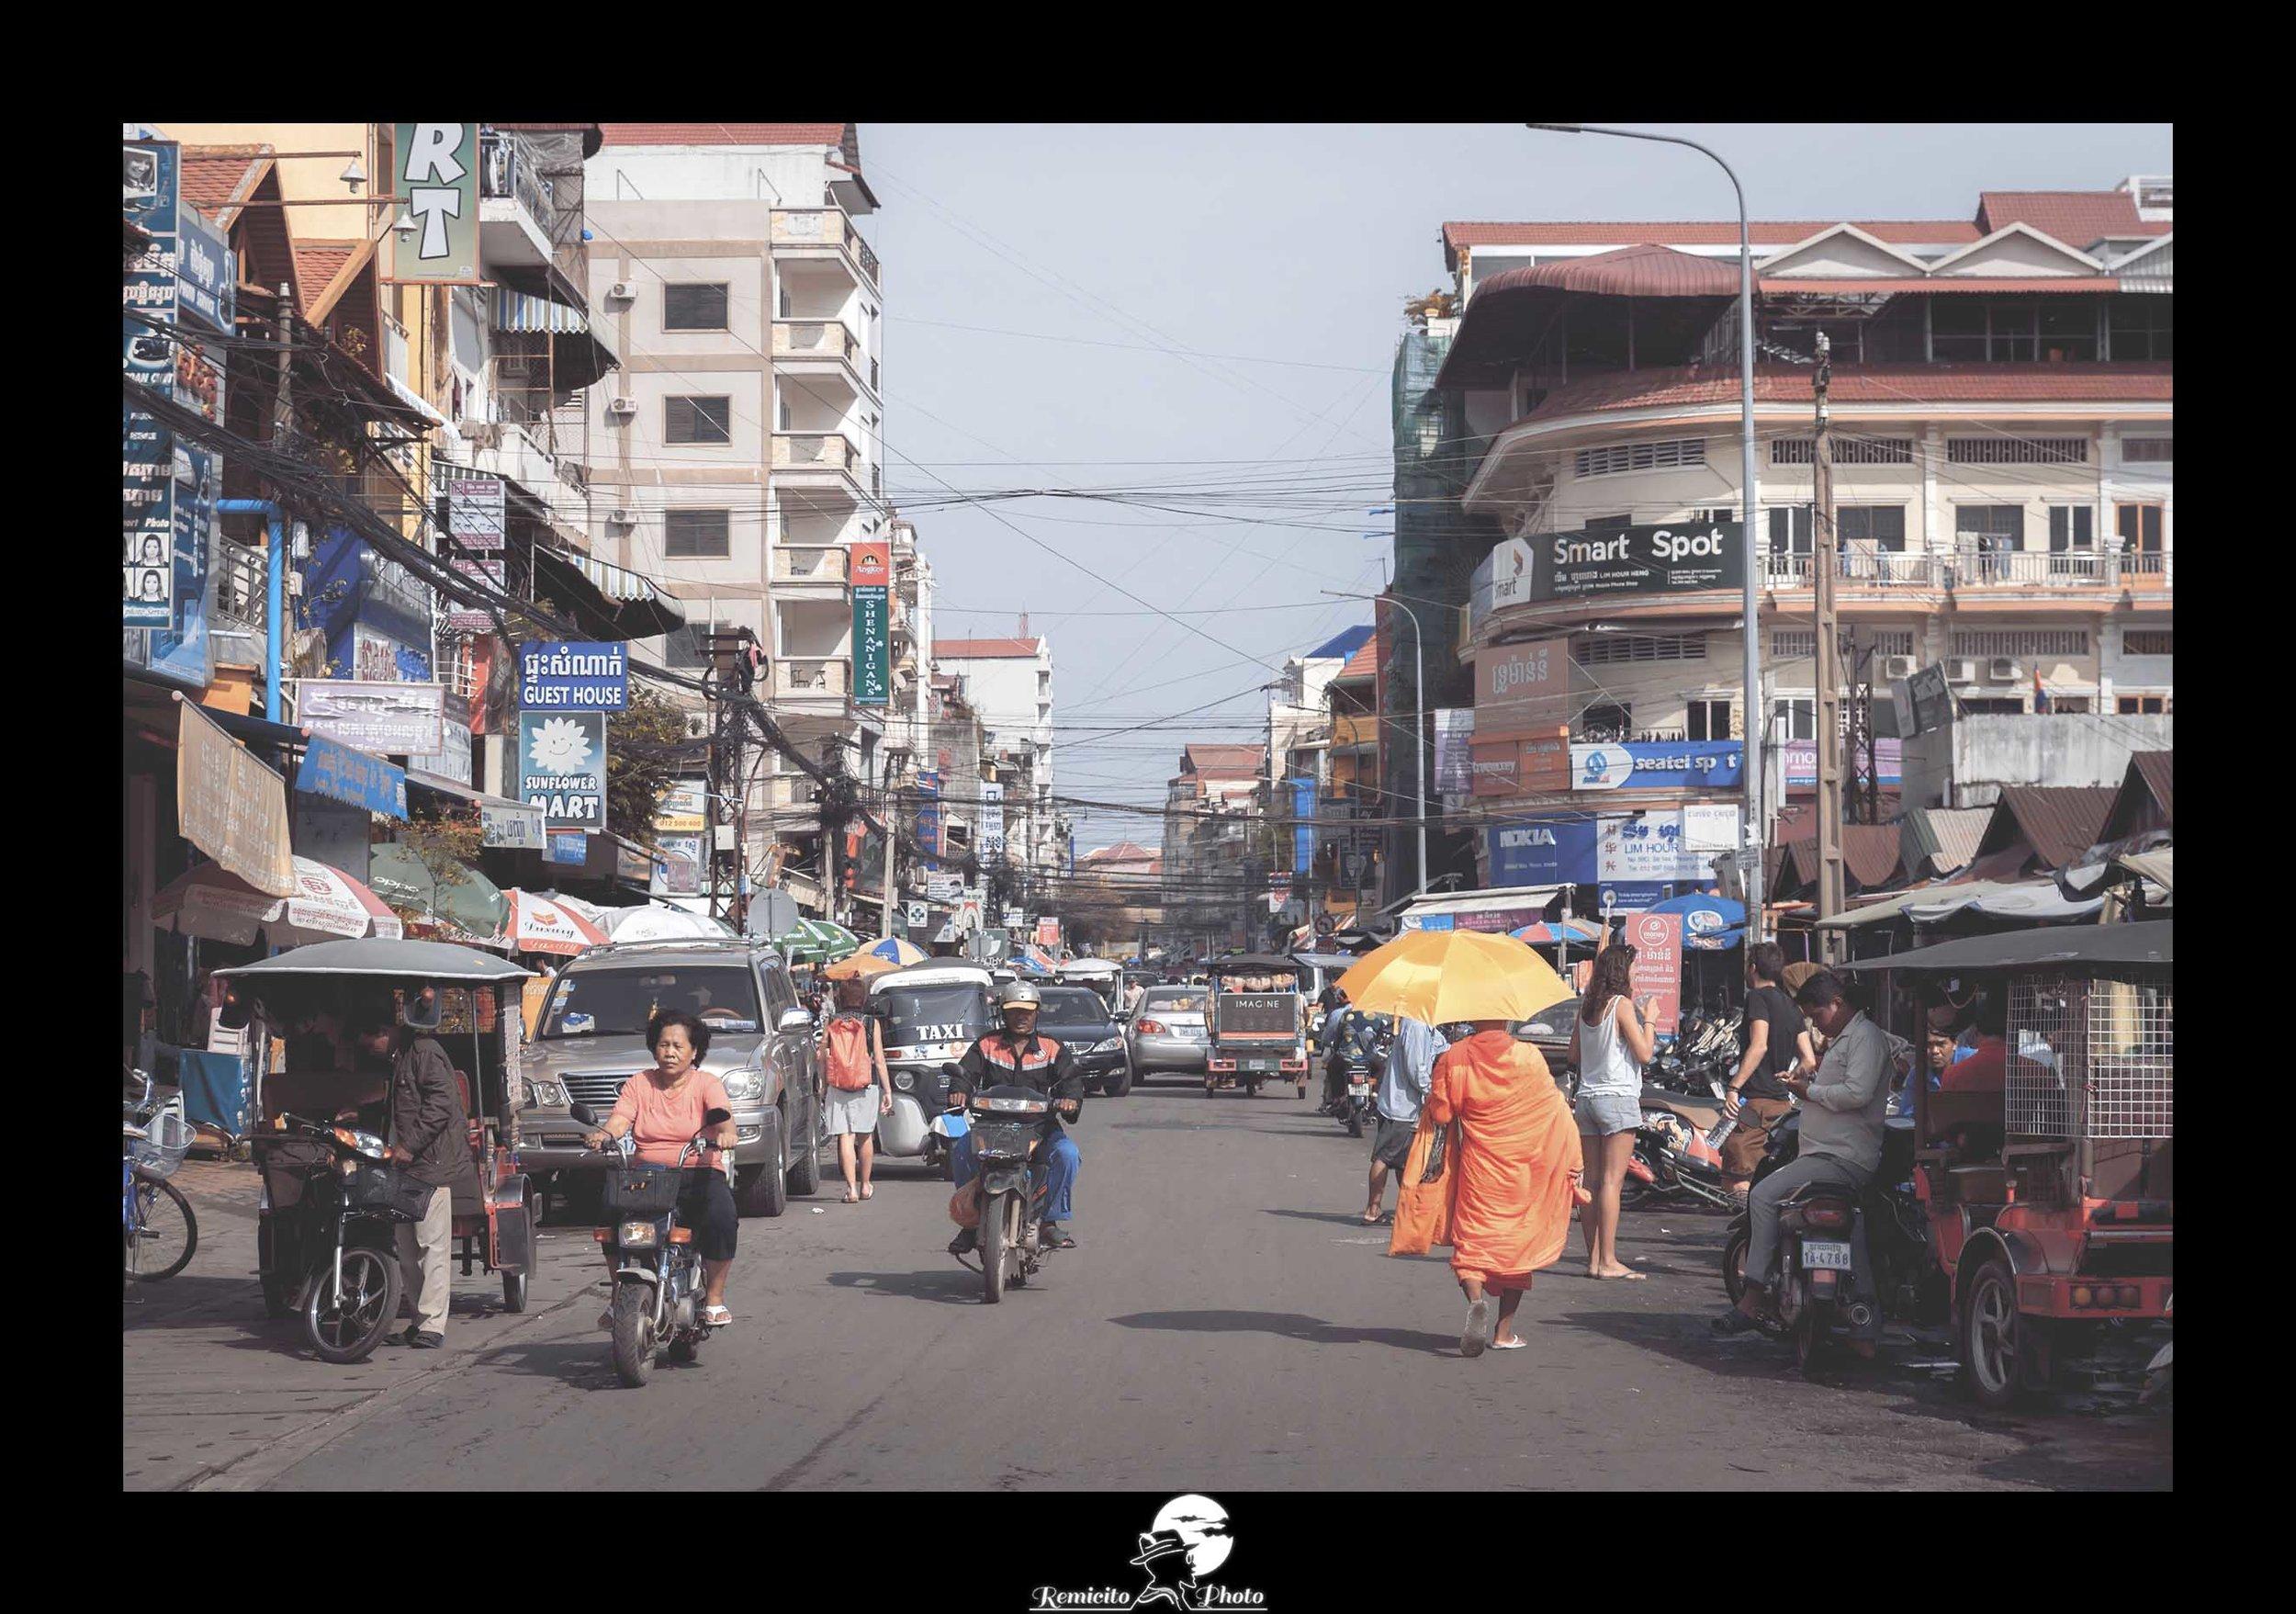 remicito, photoclub paris val-de-bièvre, remicito rémi lacombe, photo remicito cambodge voyage, photo moine cambodge, belle photo cambodge moine